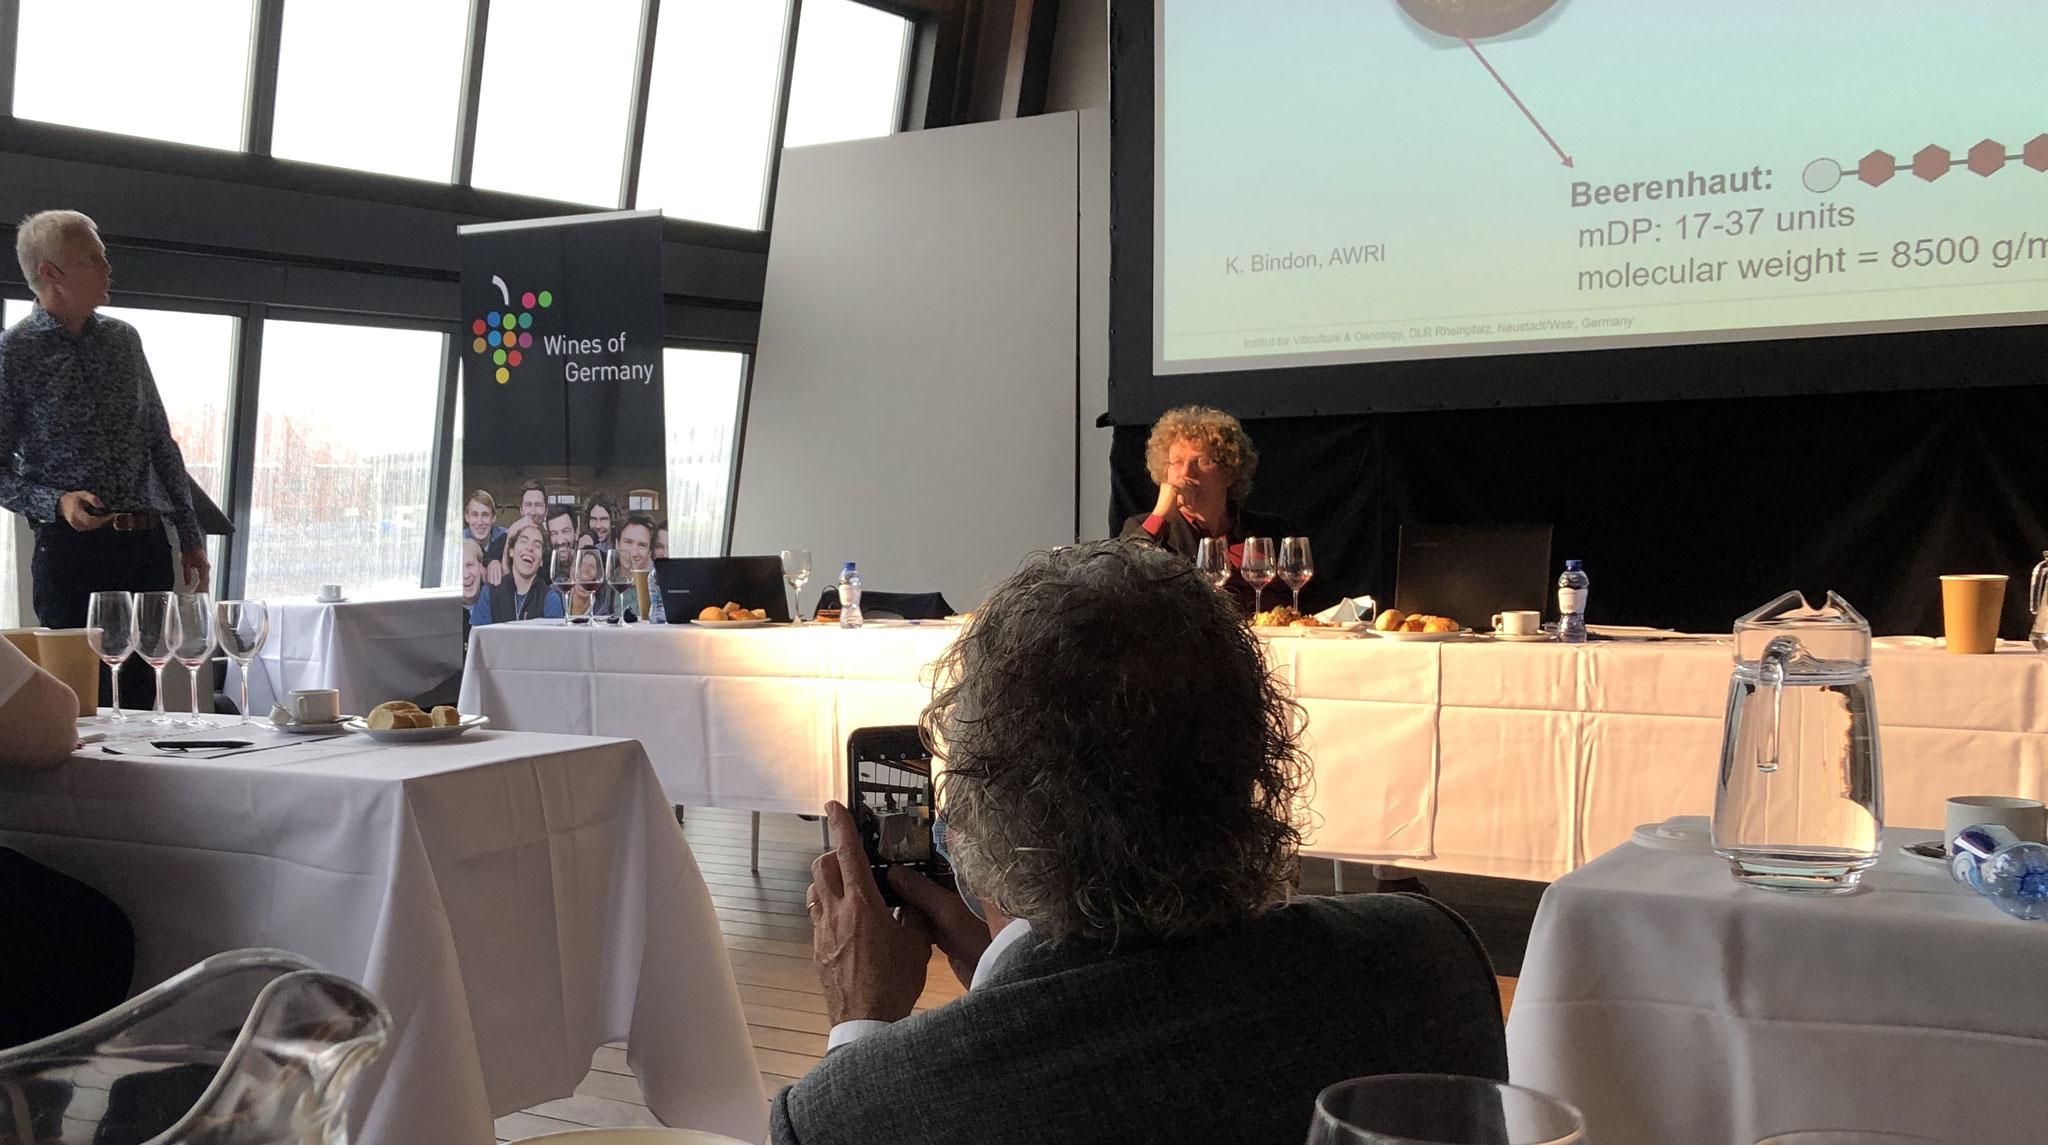 Alain Jacobs, informatiecentrum voor Duitse wijn. Organisator fotografeert hier Dr. Fischer